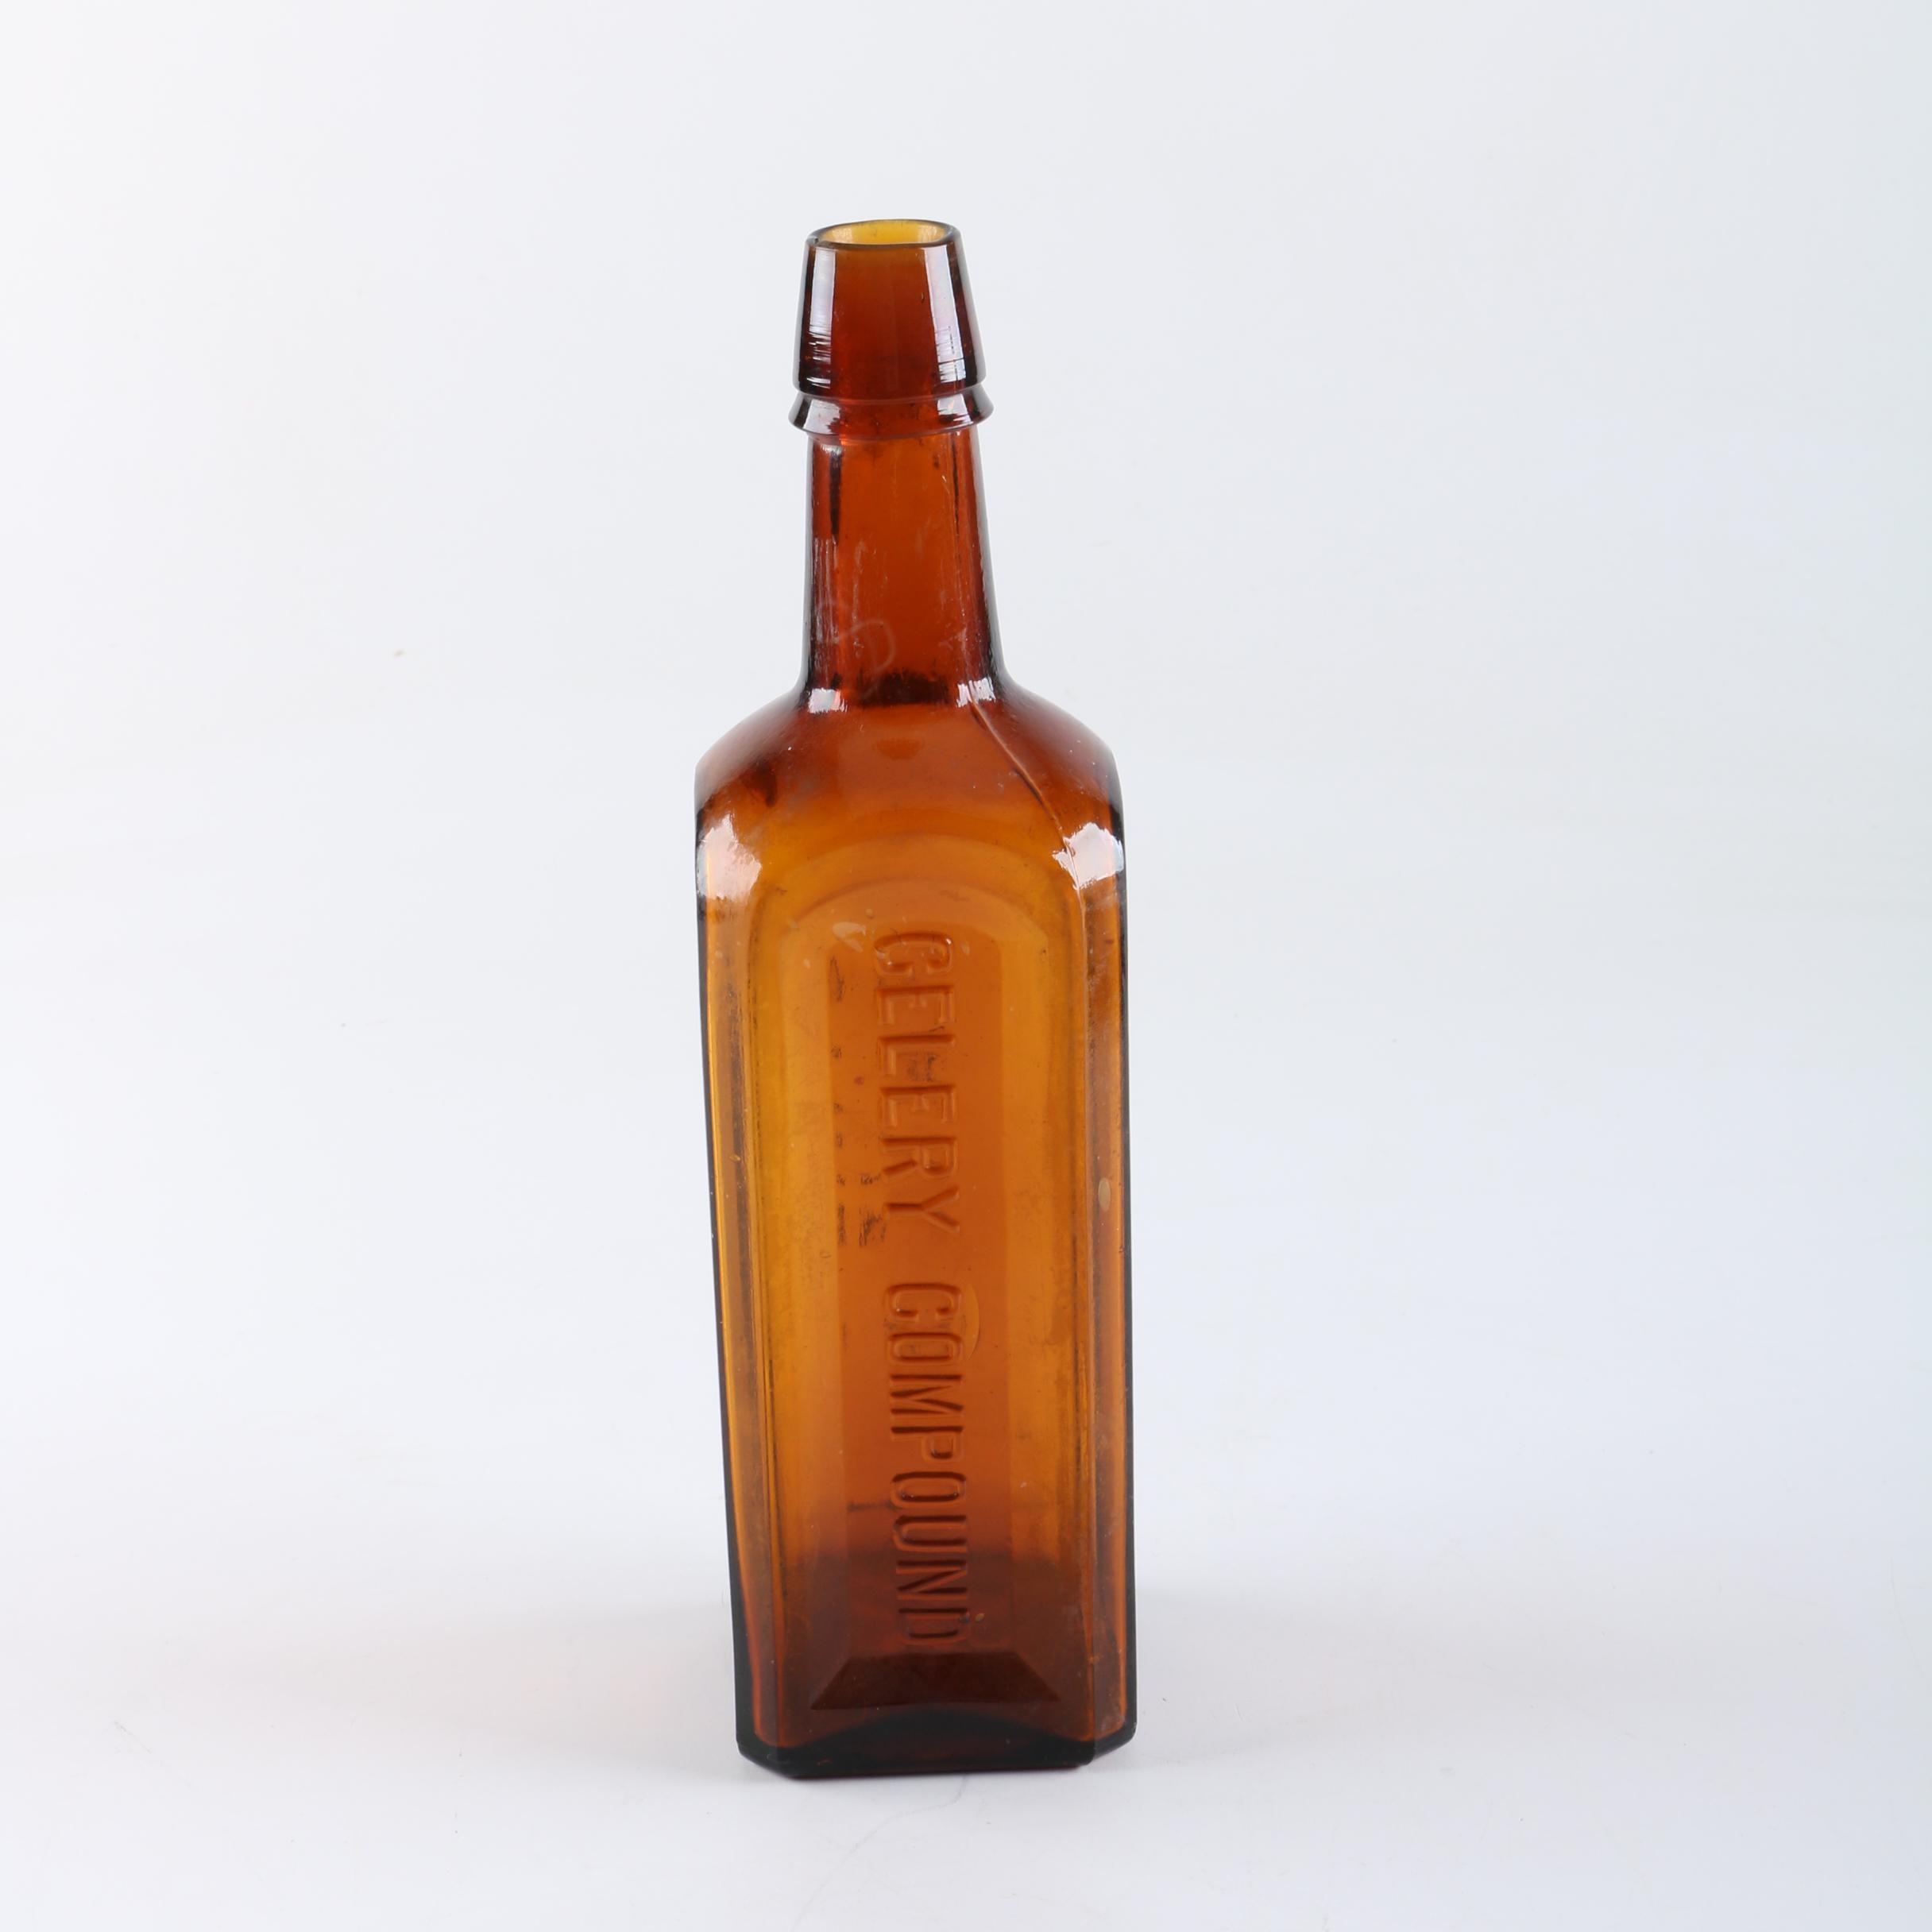 Antique Paine's Celery Compound Patent Medicine Bottle